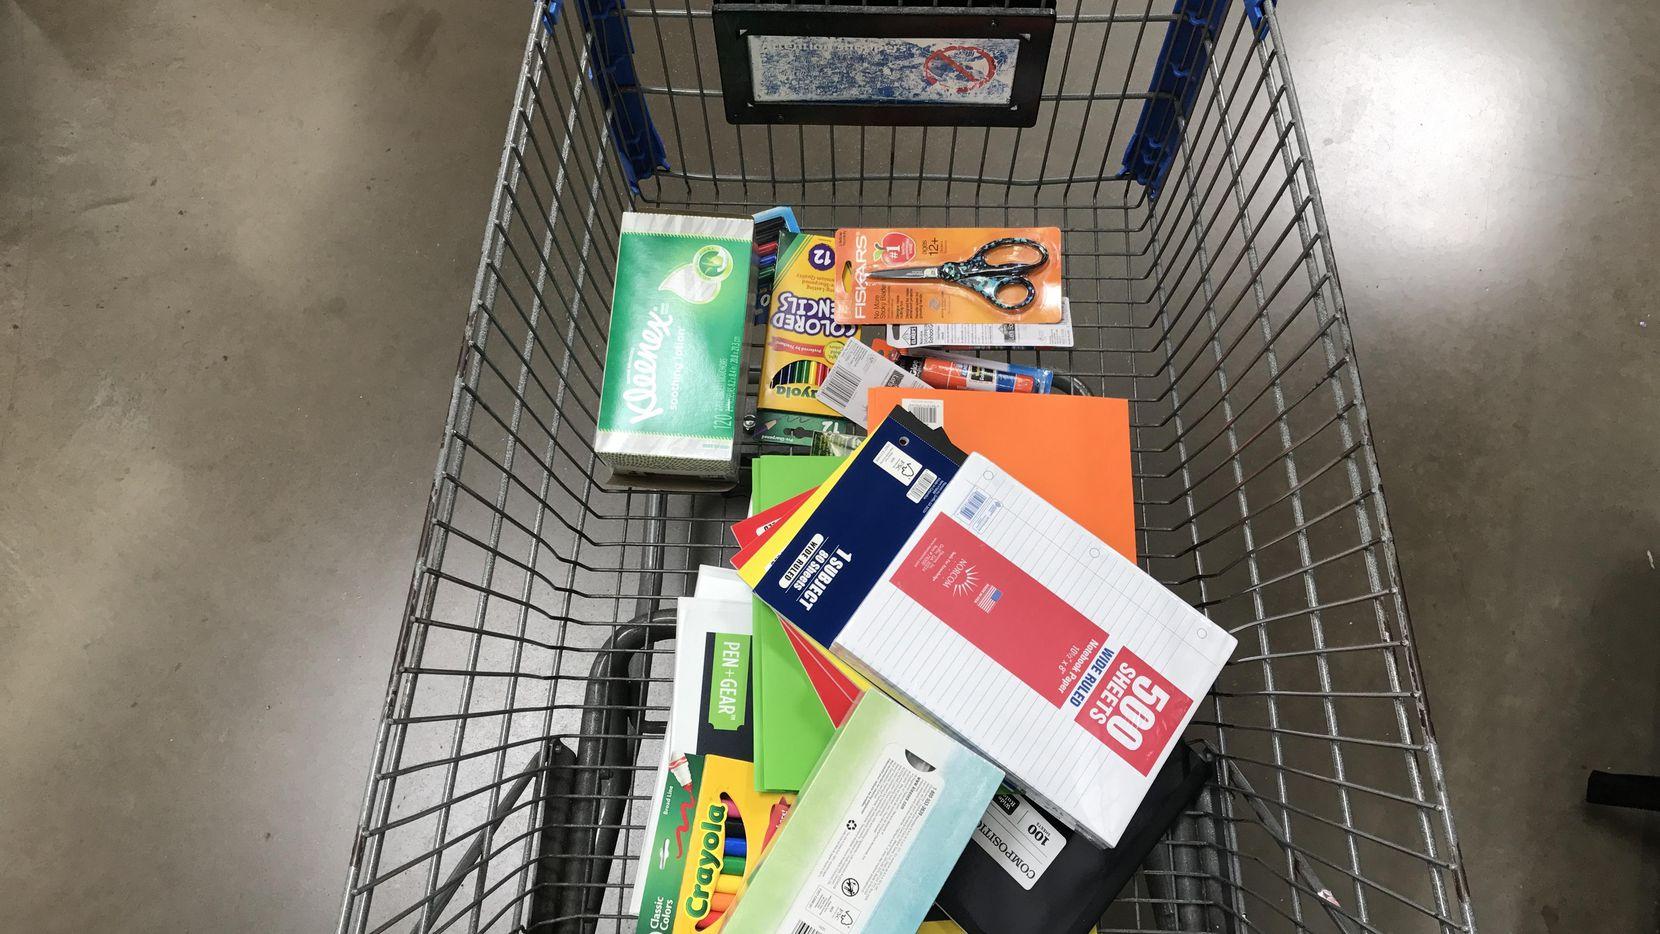 Comprar los útiles para la escuela puede complicarse pues no todas las tiendas tienen lo que uno busca. RYAN MICHELESKO/DMN